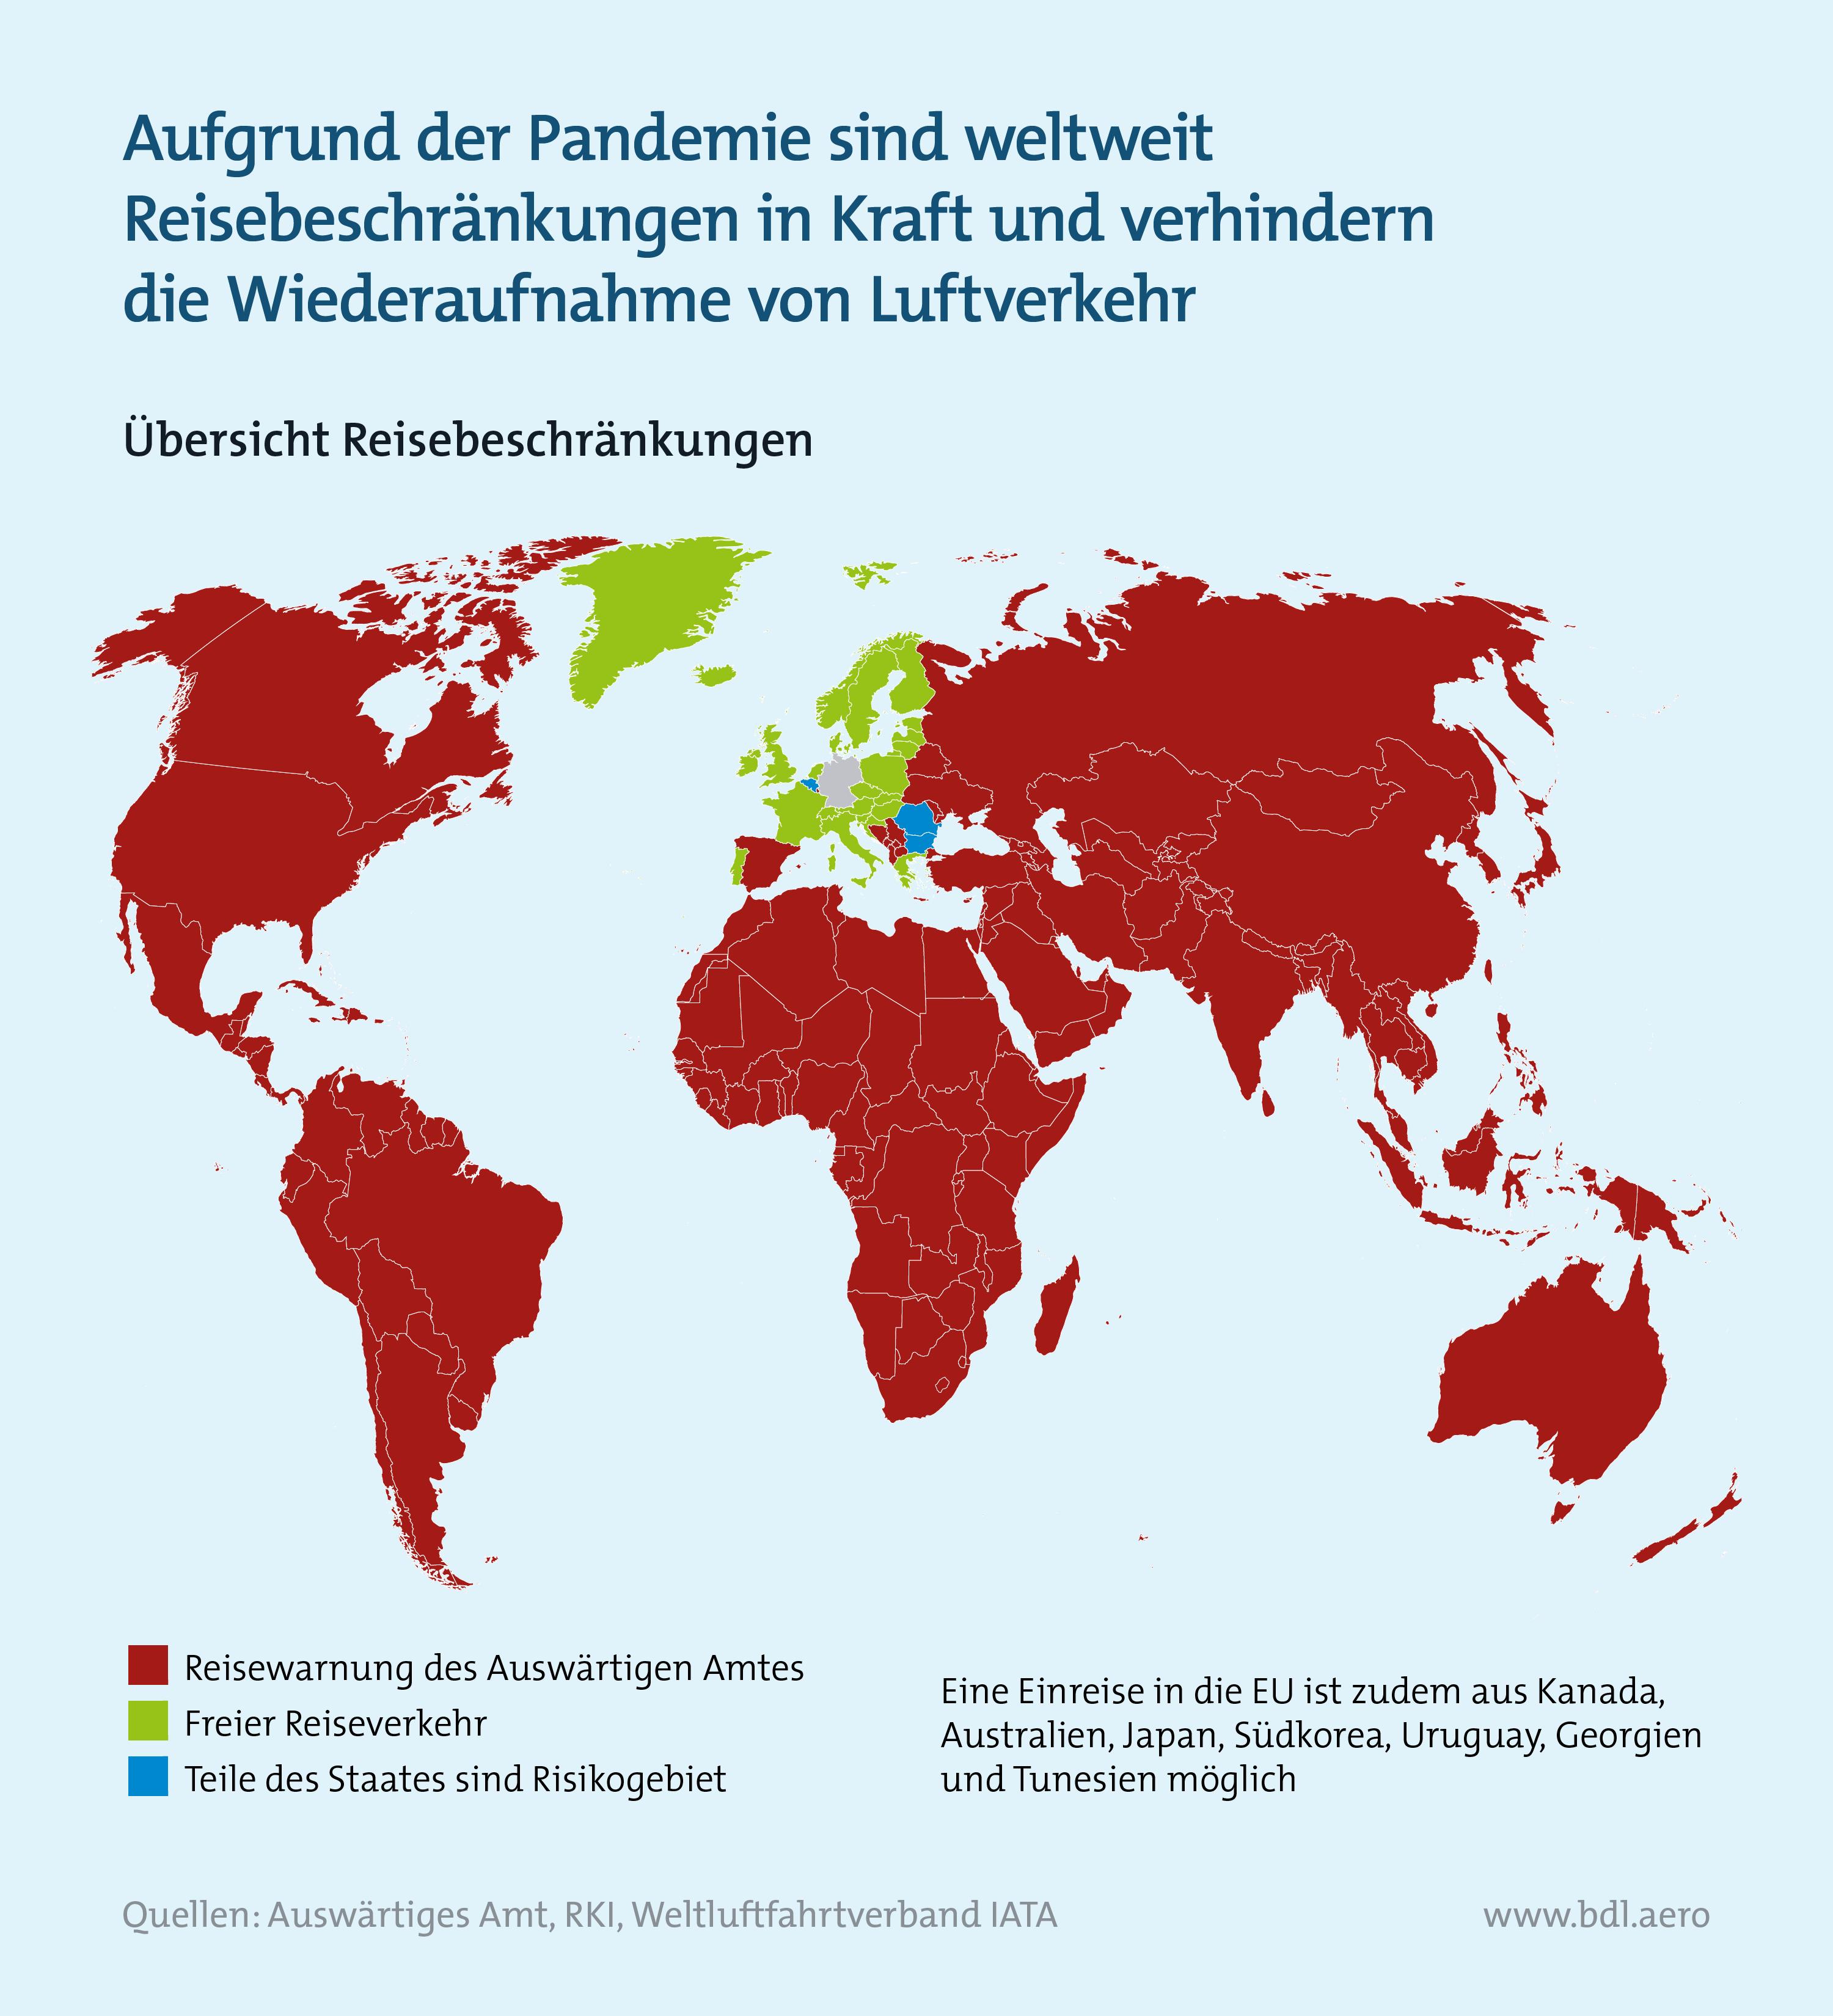 Zahlen zur Lage der Branche BDL: Weltweite Reisebeschränkungen wegen Corona-Pandemie